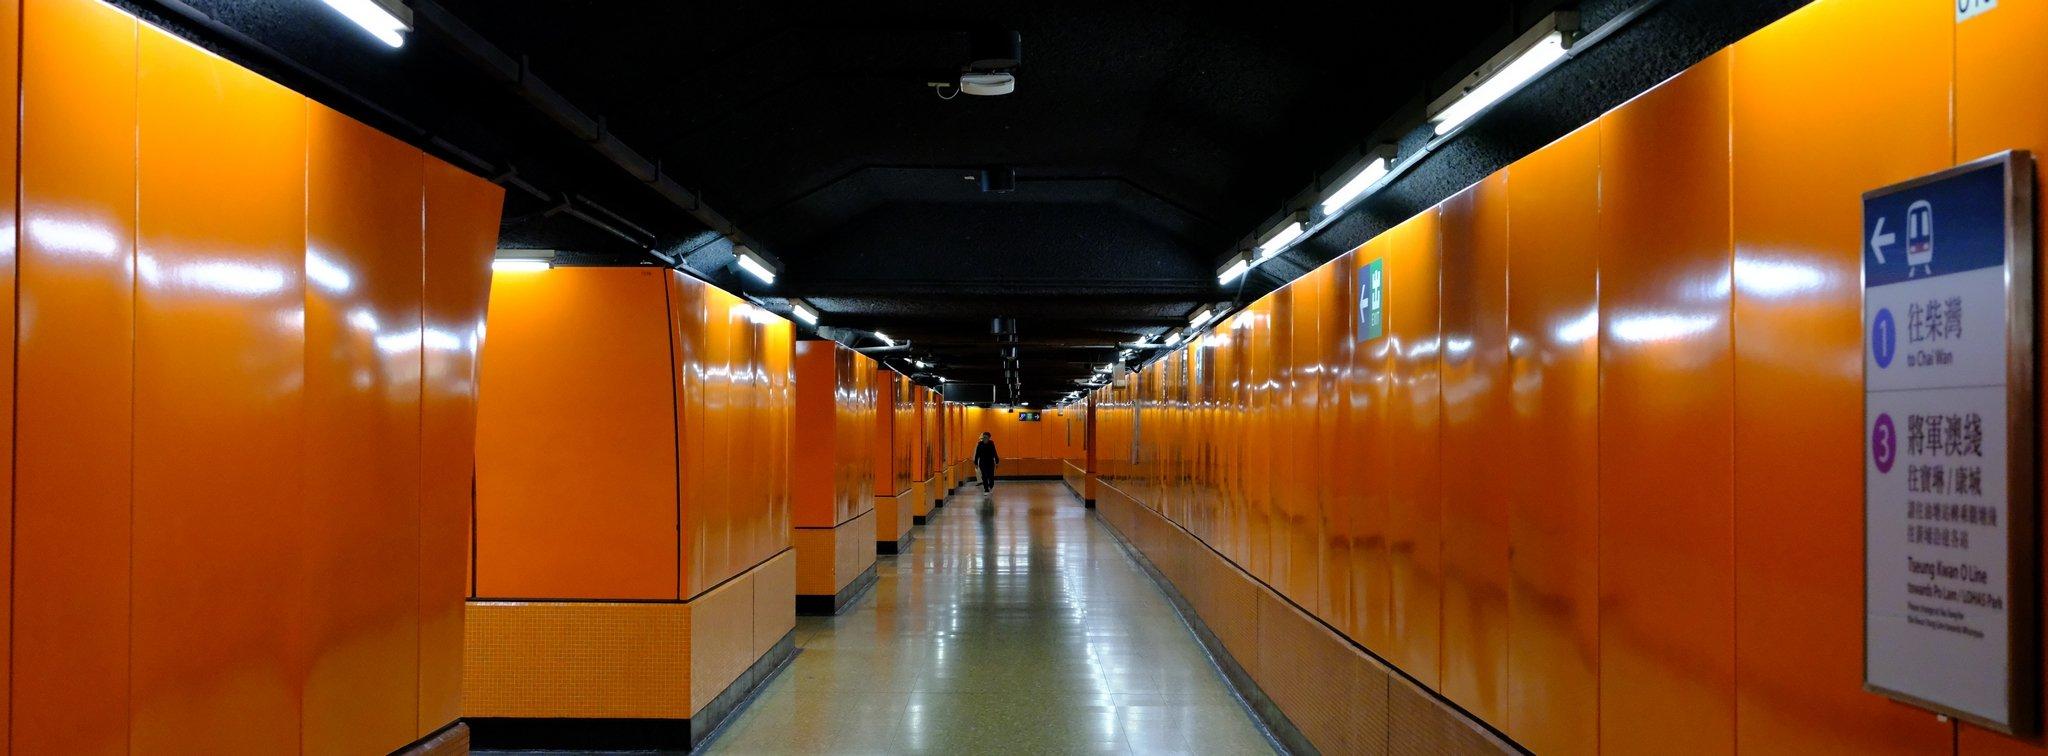 30. orange